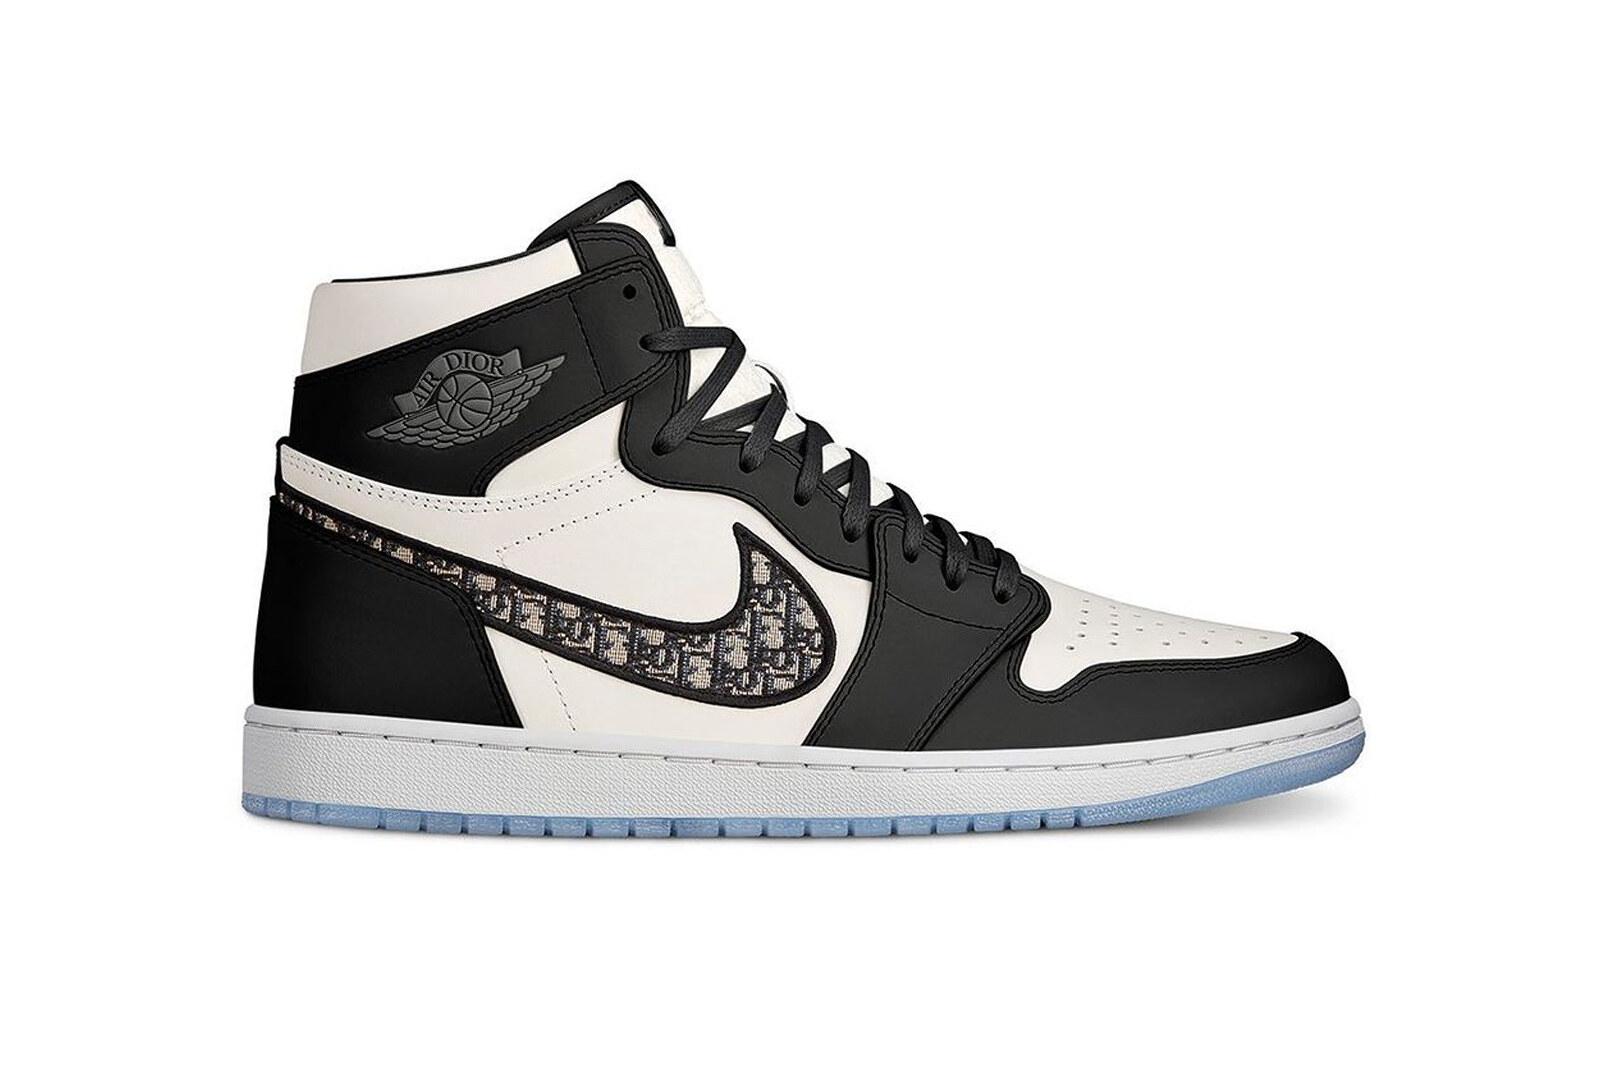 Dior x Air Jordan 1 Black and White